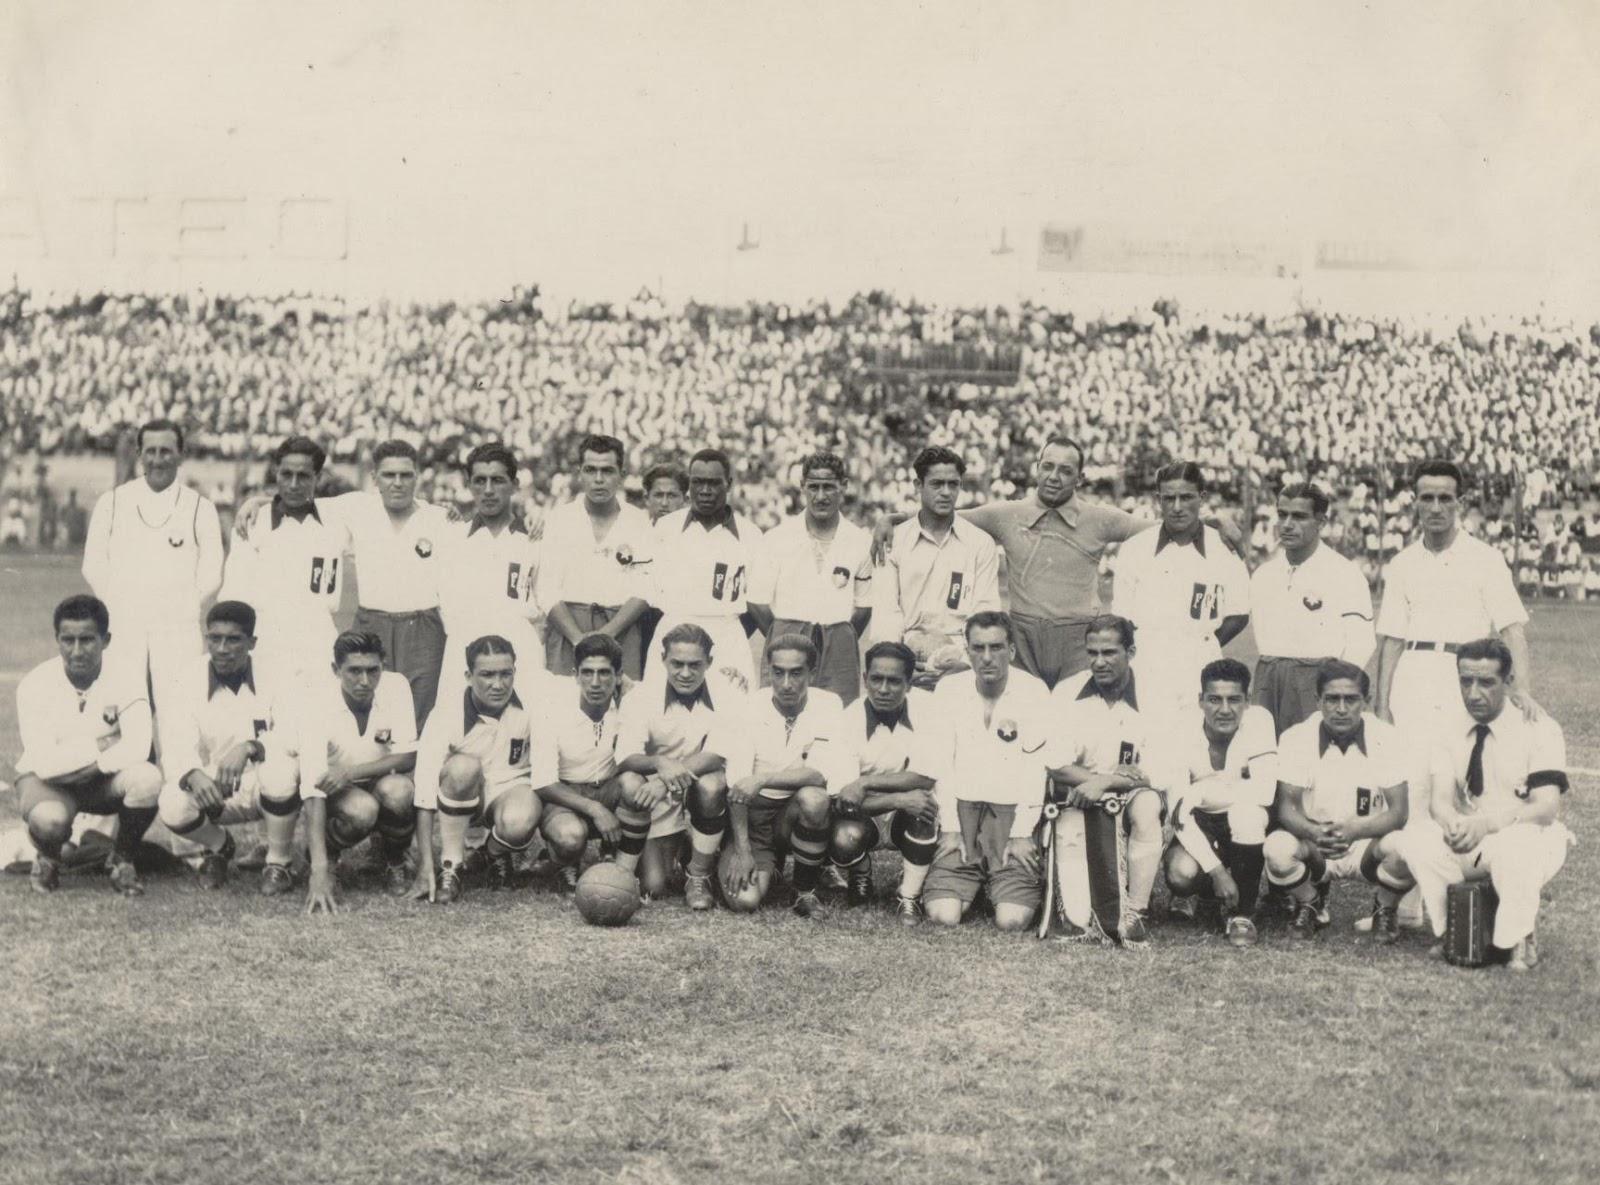 Perú y Chile en Campeonato Sudamericano de 1935, 26 de enero